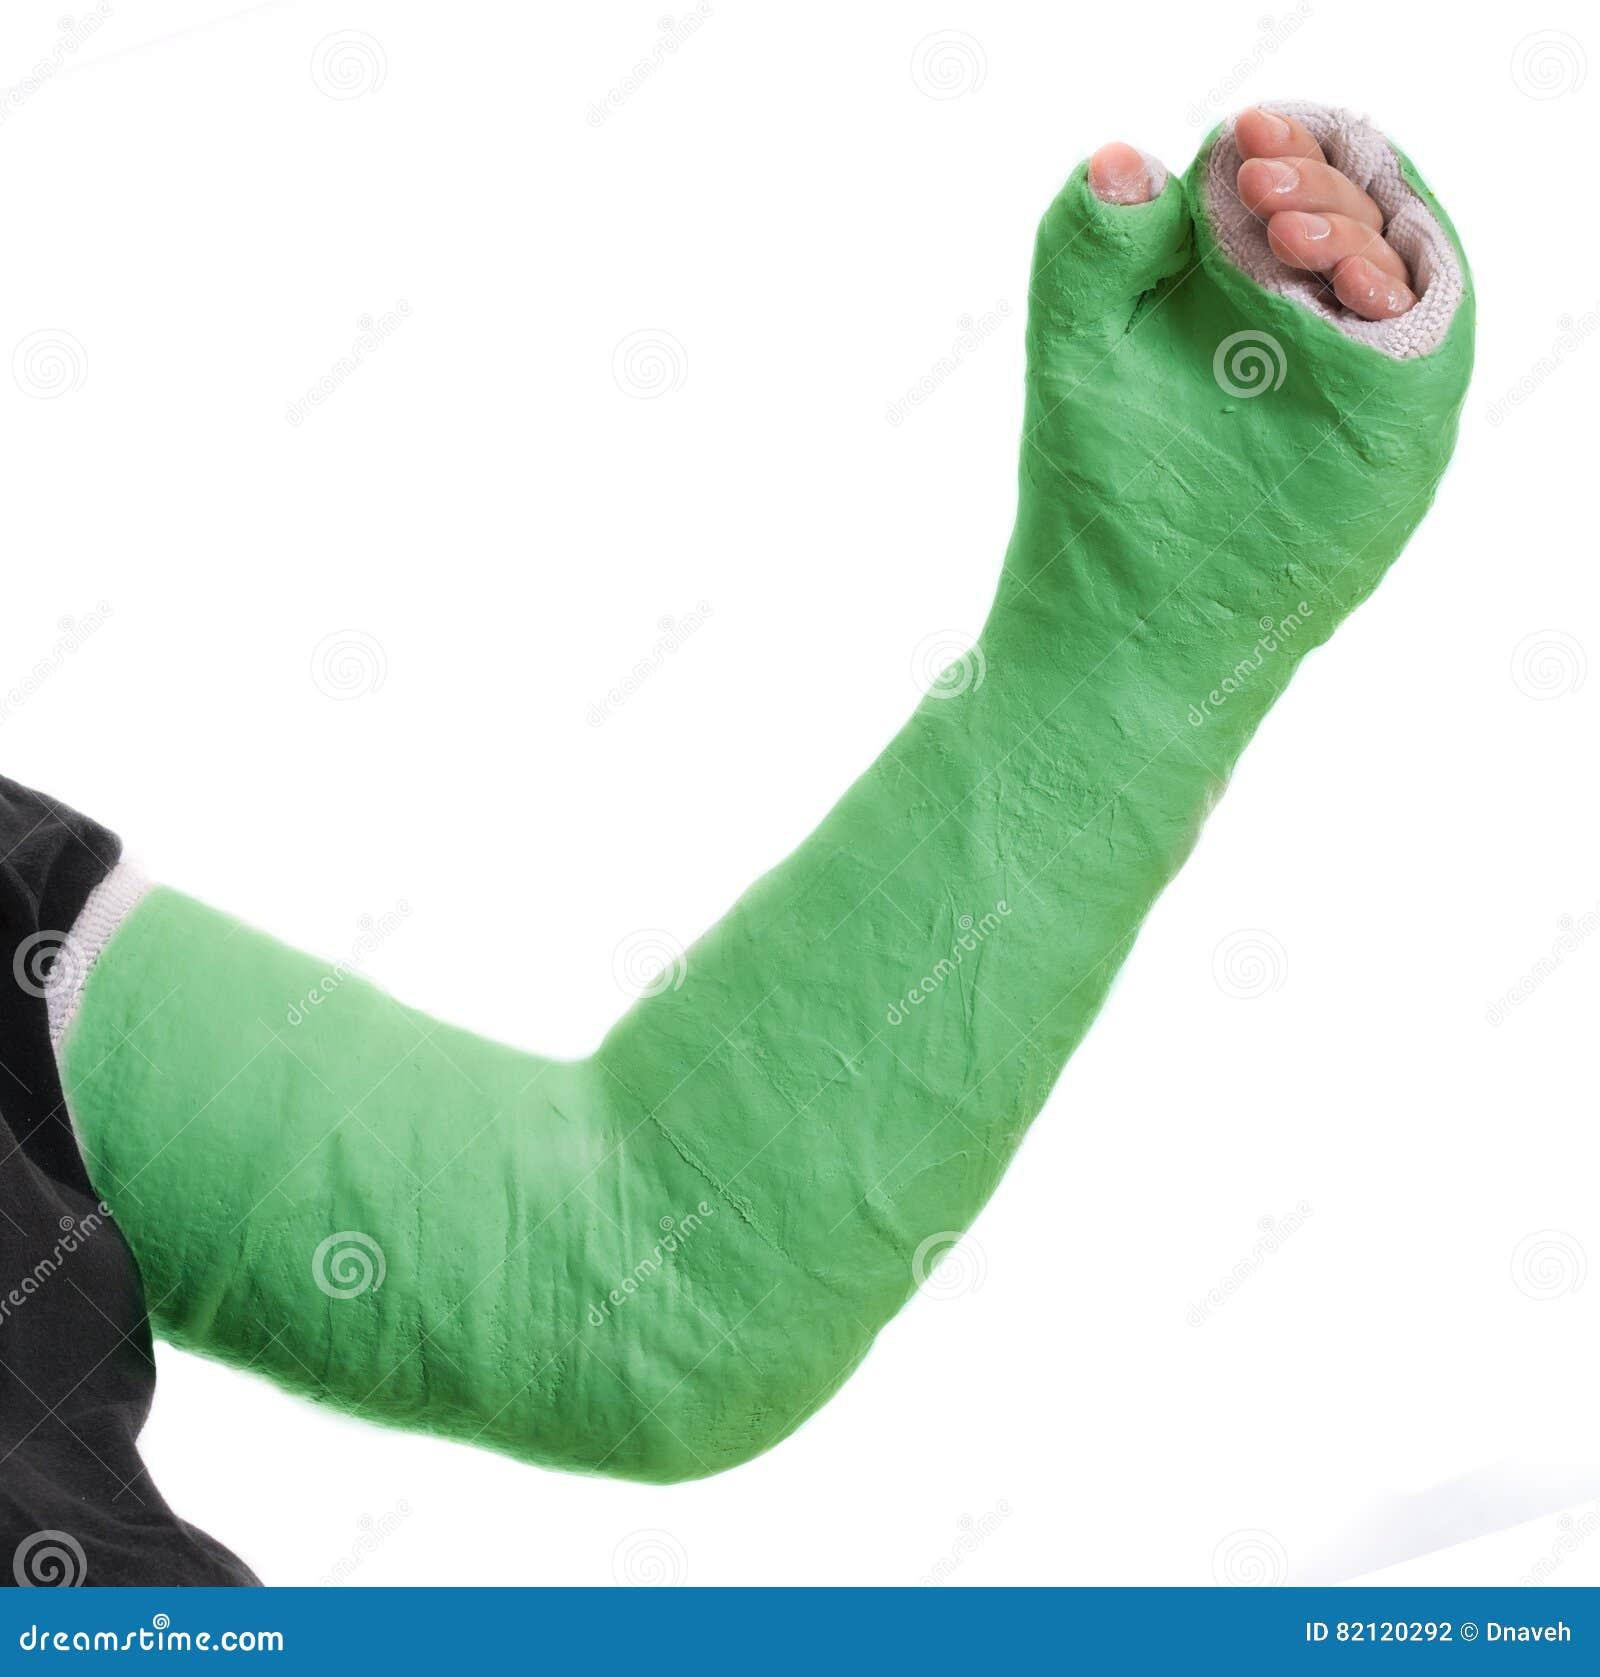 Fiberglass thumb spica cast